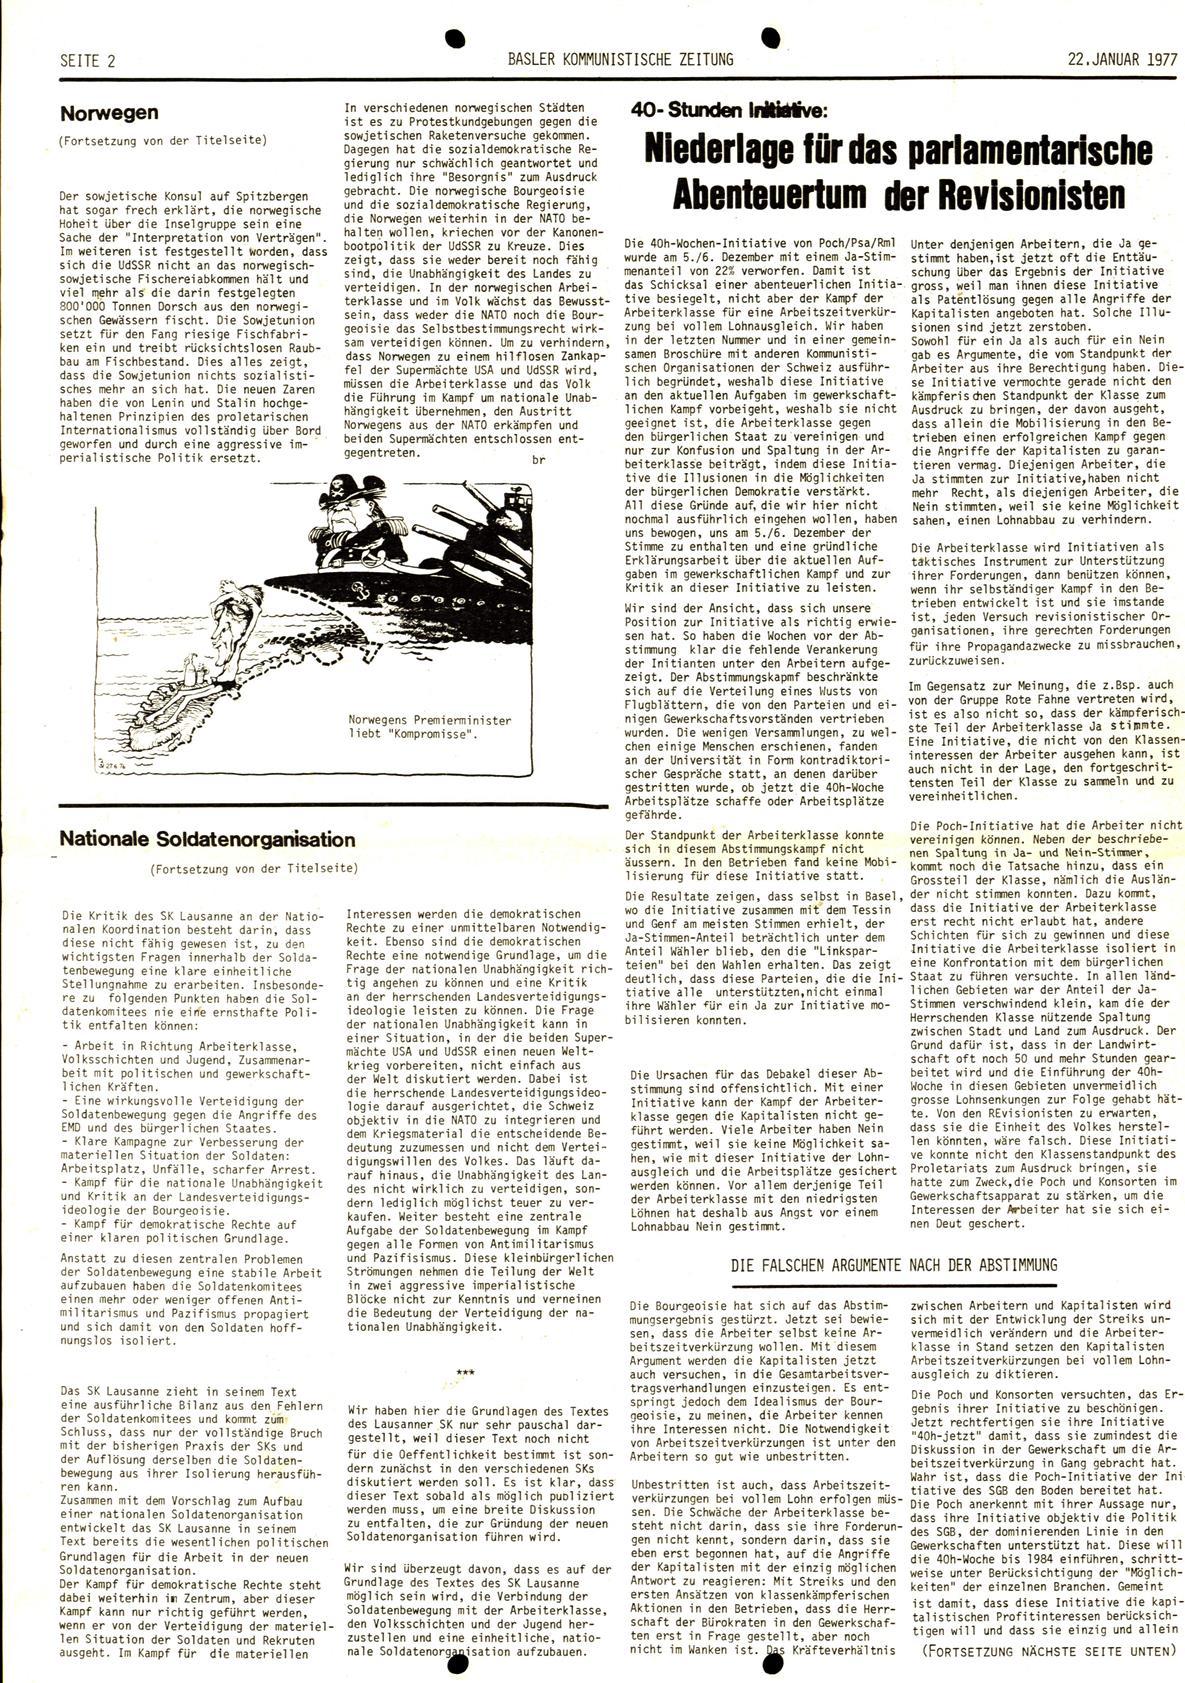 Basel_Kommunistische_Zeitung_19770122_02